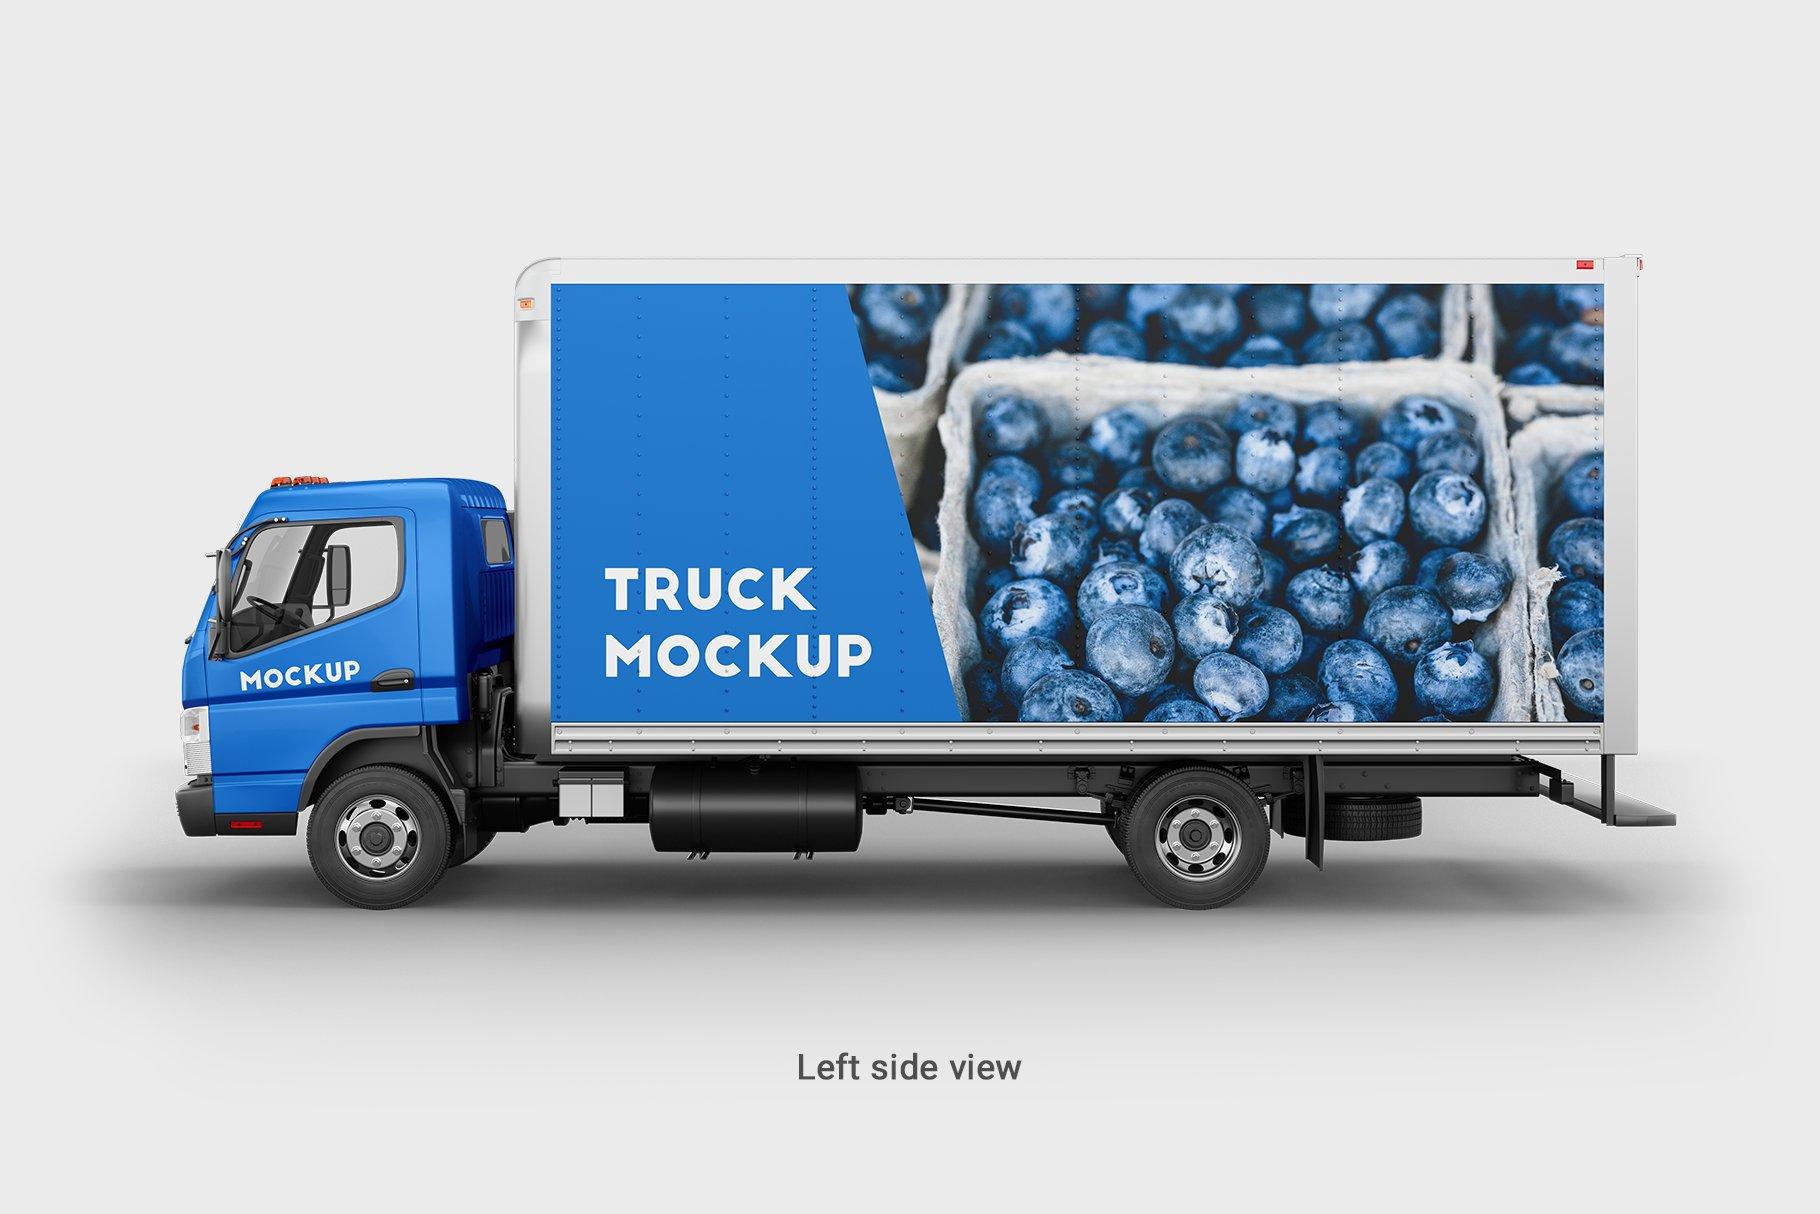 6款厢式货车卡车车身广告设计展示样机 Truck Mockup 4插图(6)